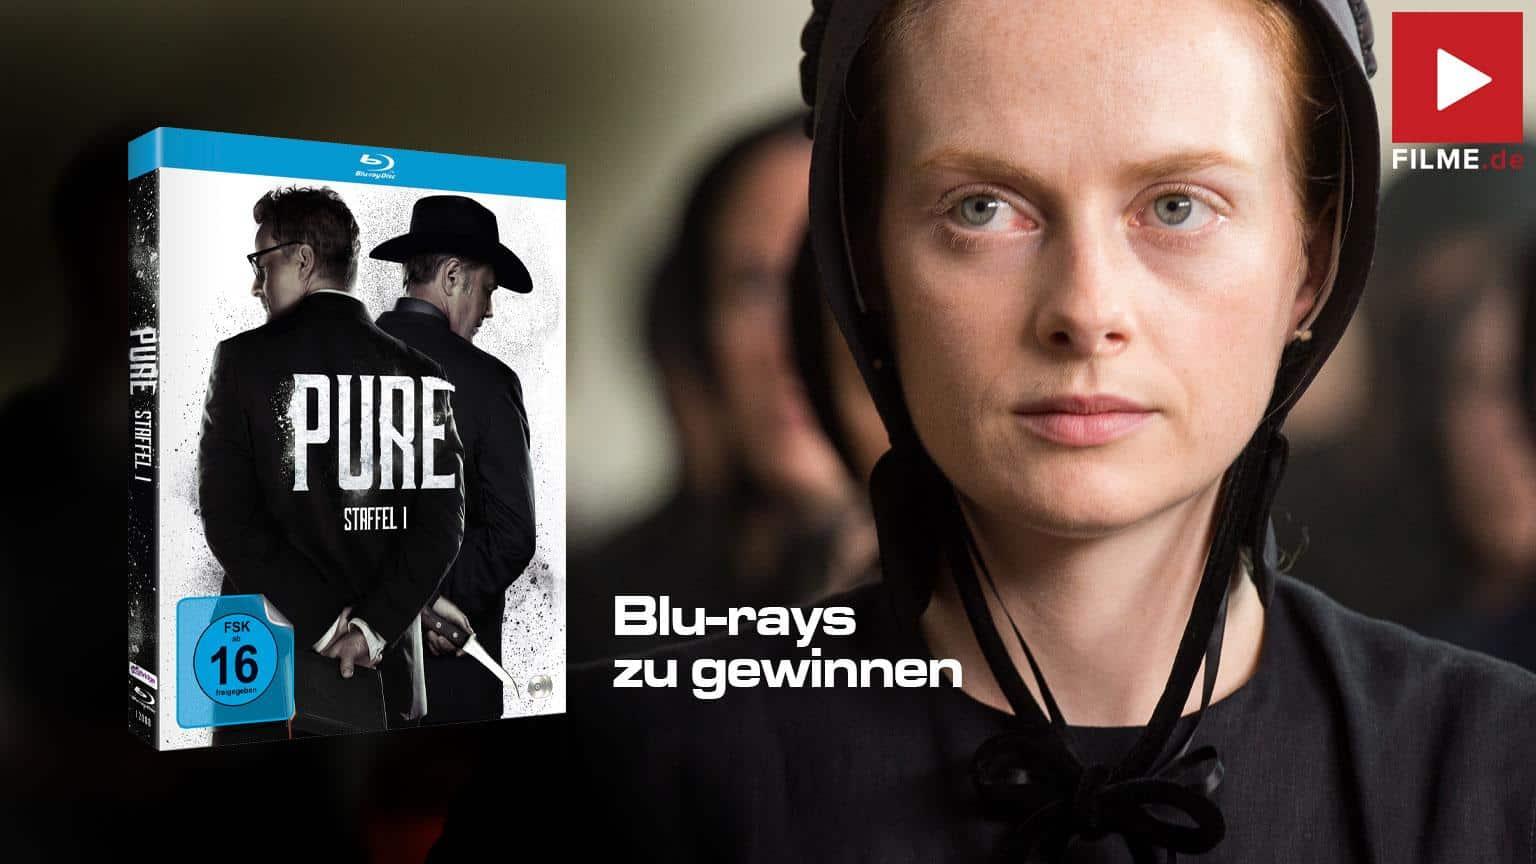 Gewinnspiel Pure Gut Gegen Böse Staffel 1 Blu-ray DVD gewinnen Artikelbild shop kaufen